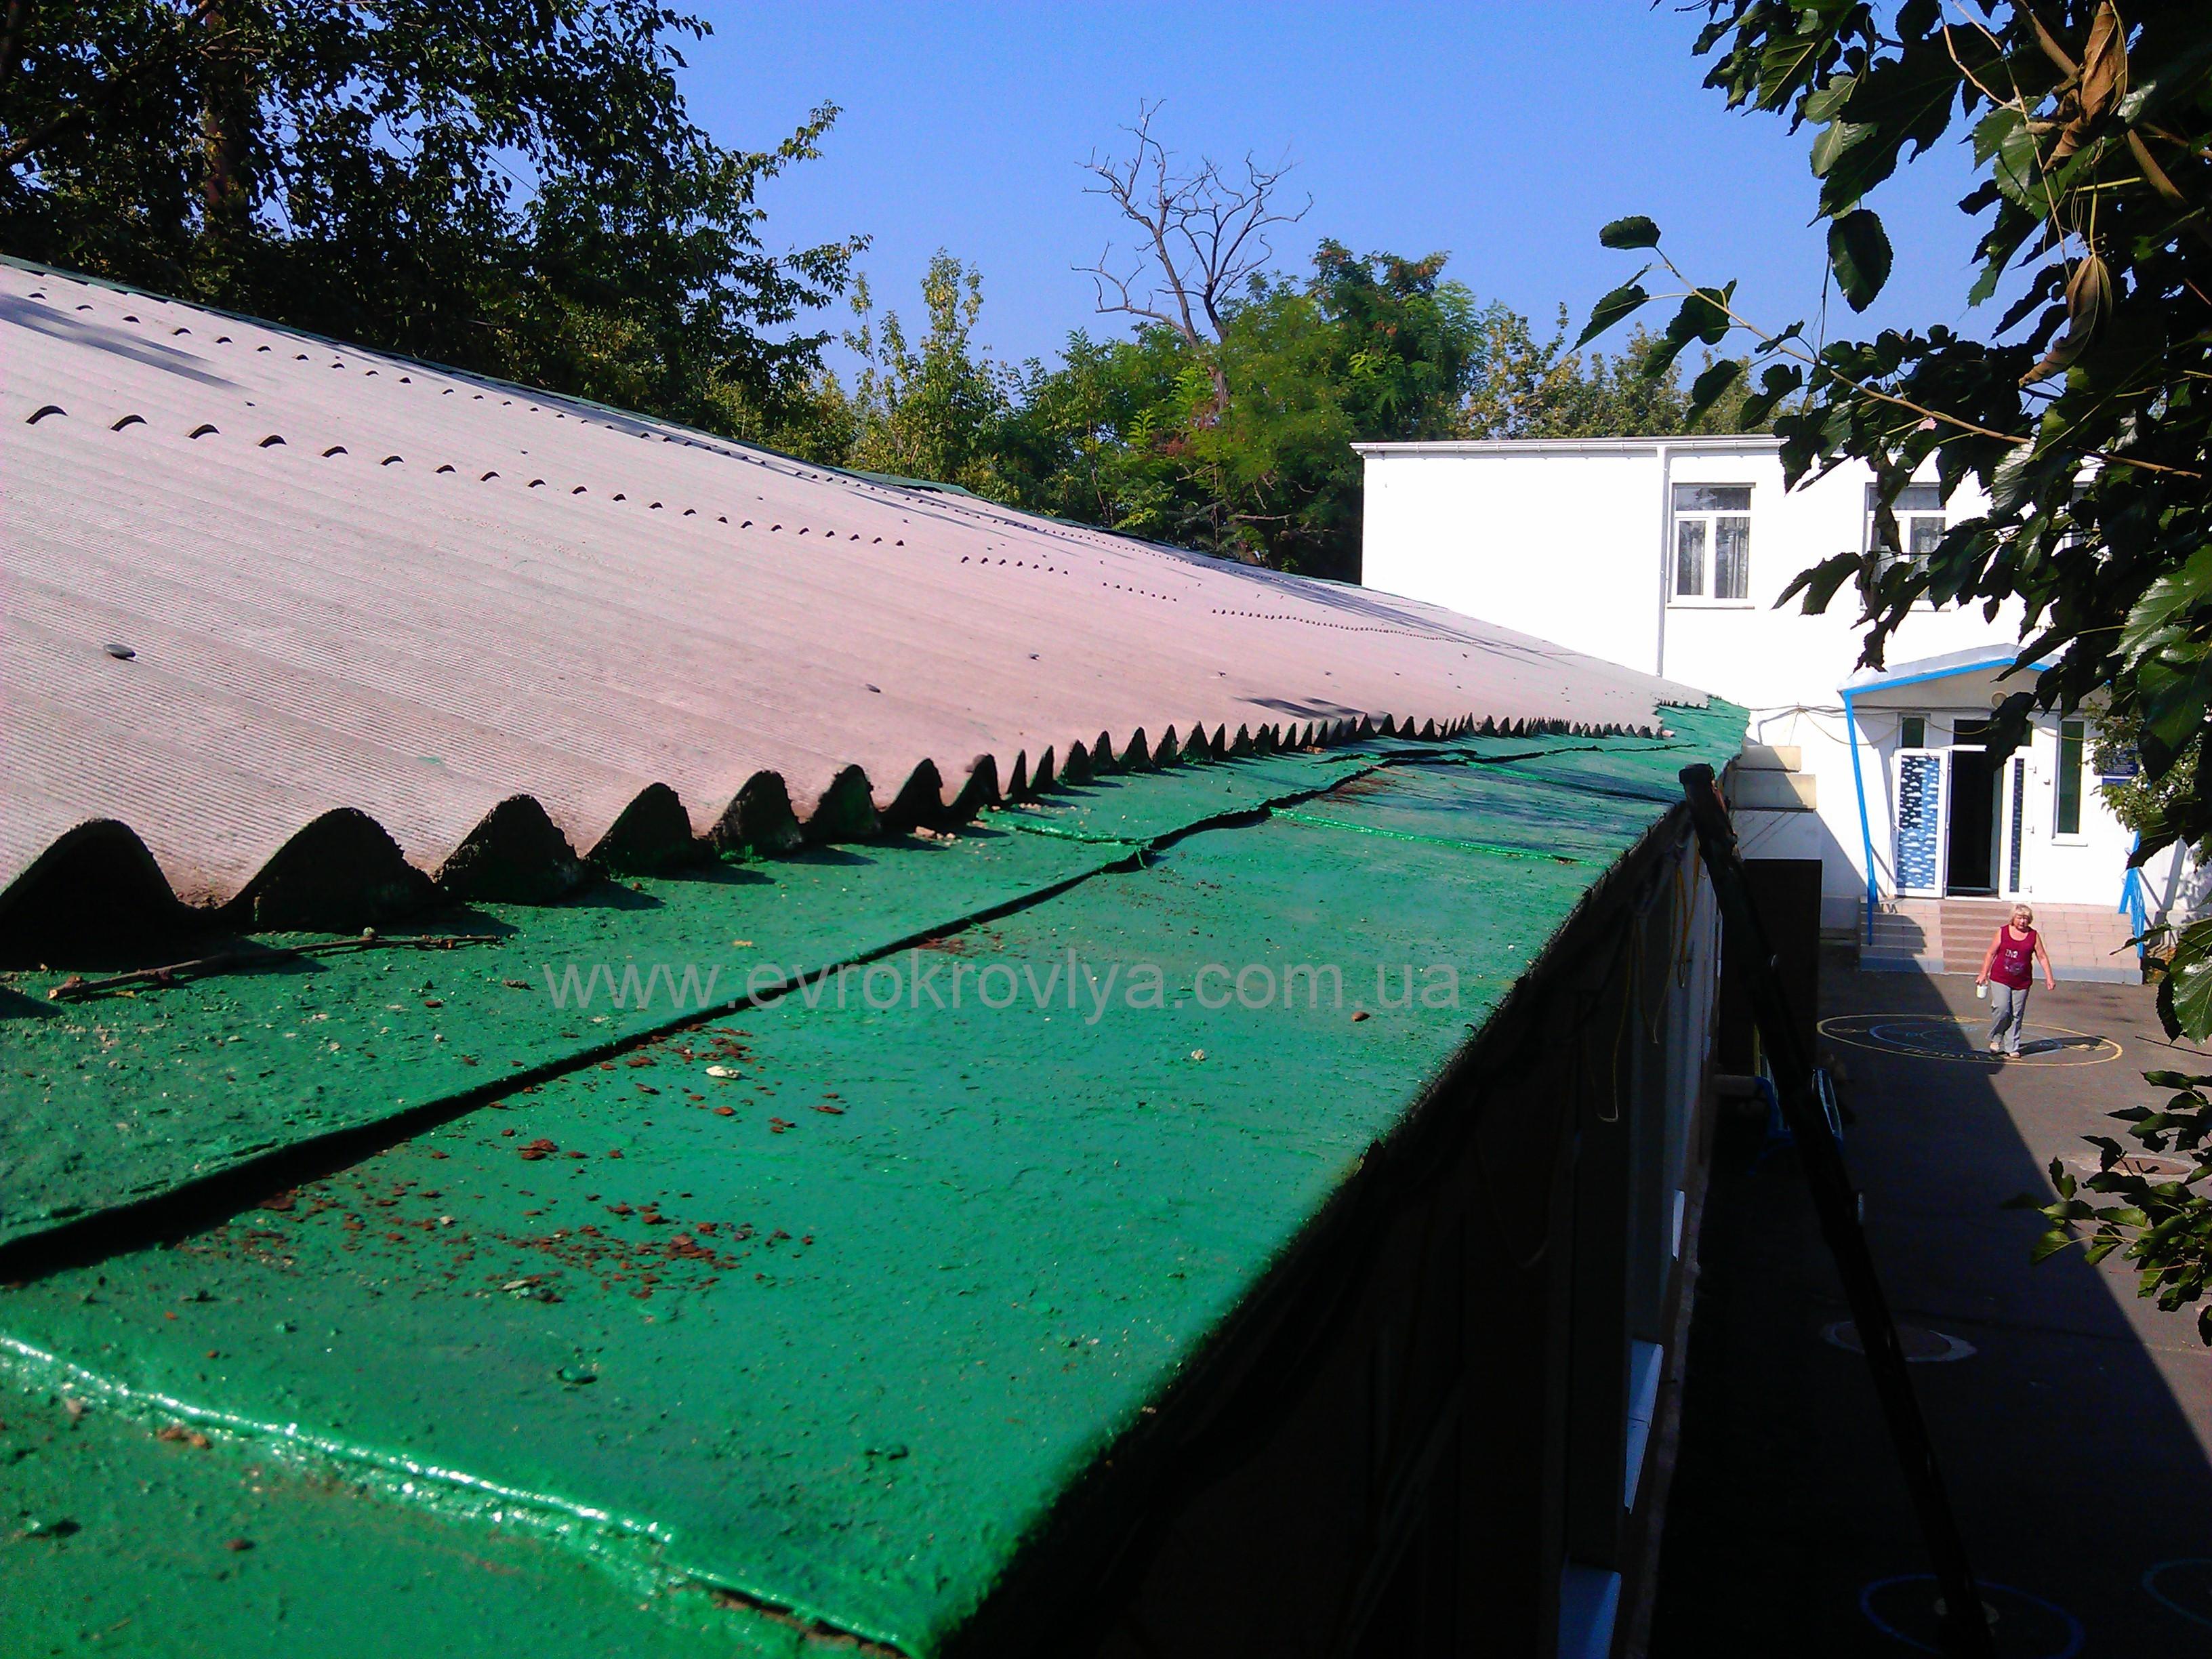 Реконструкция шиферной крыши